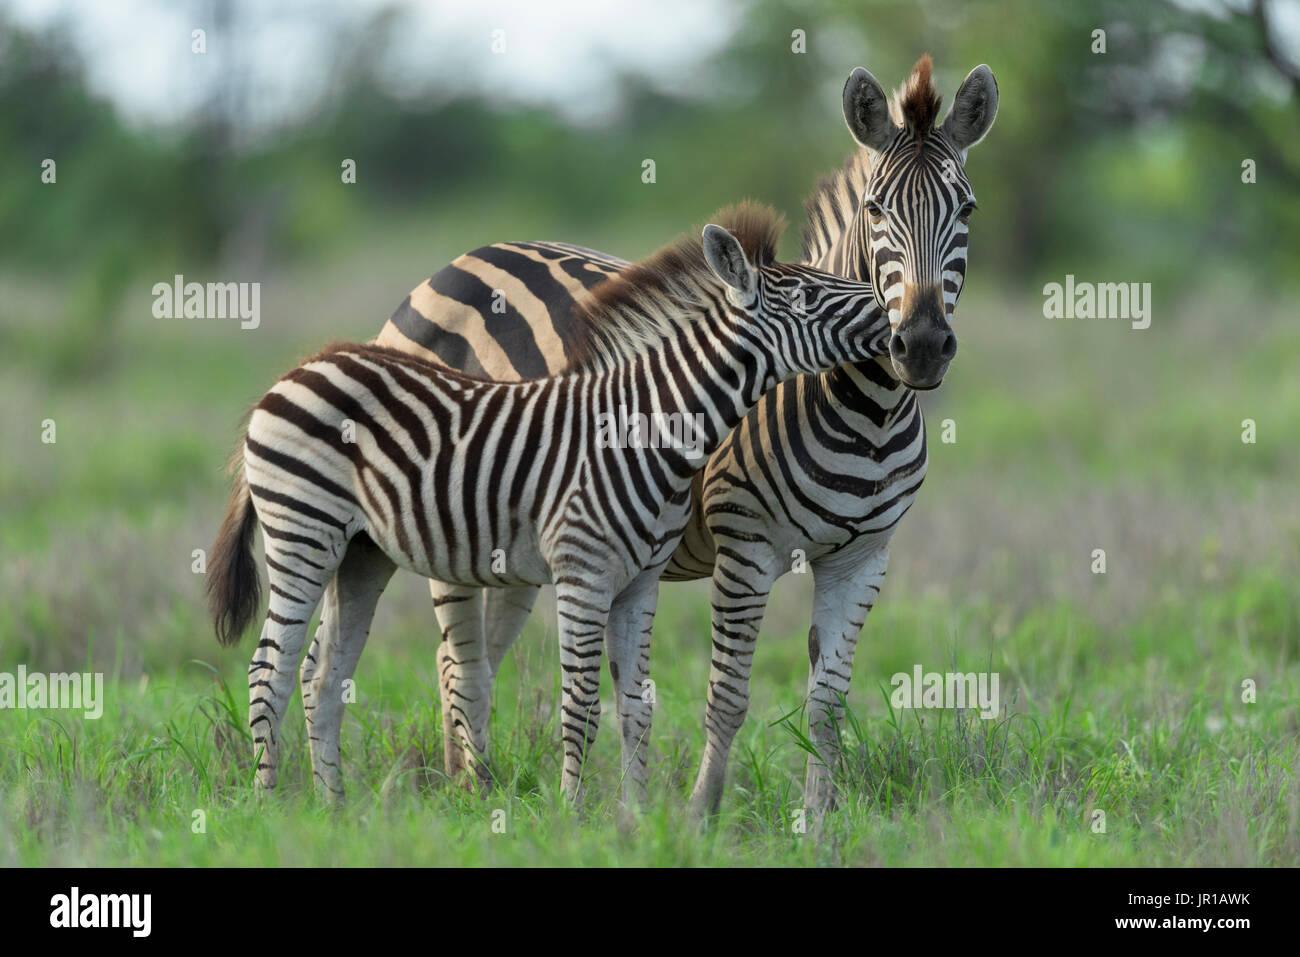 Le zèbre de Burchell (Equus burchellii) les jeunes faisant une accolade, Kruger, Afrique du Sud Photo Stock